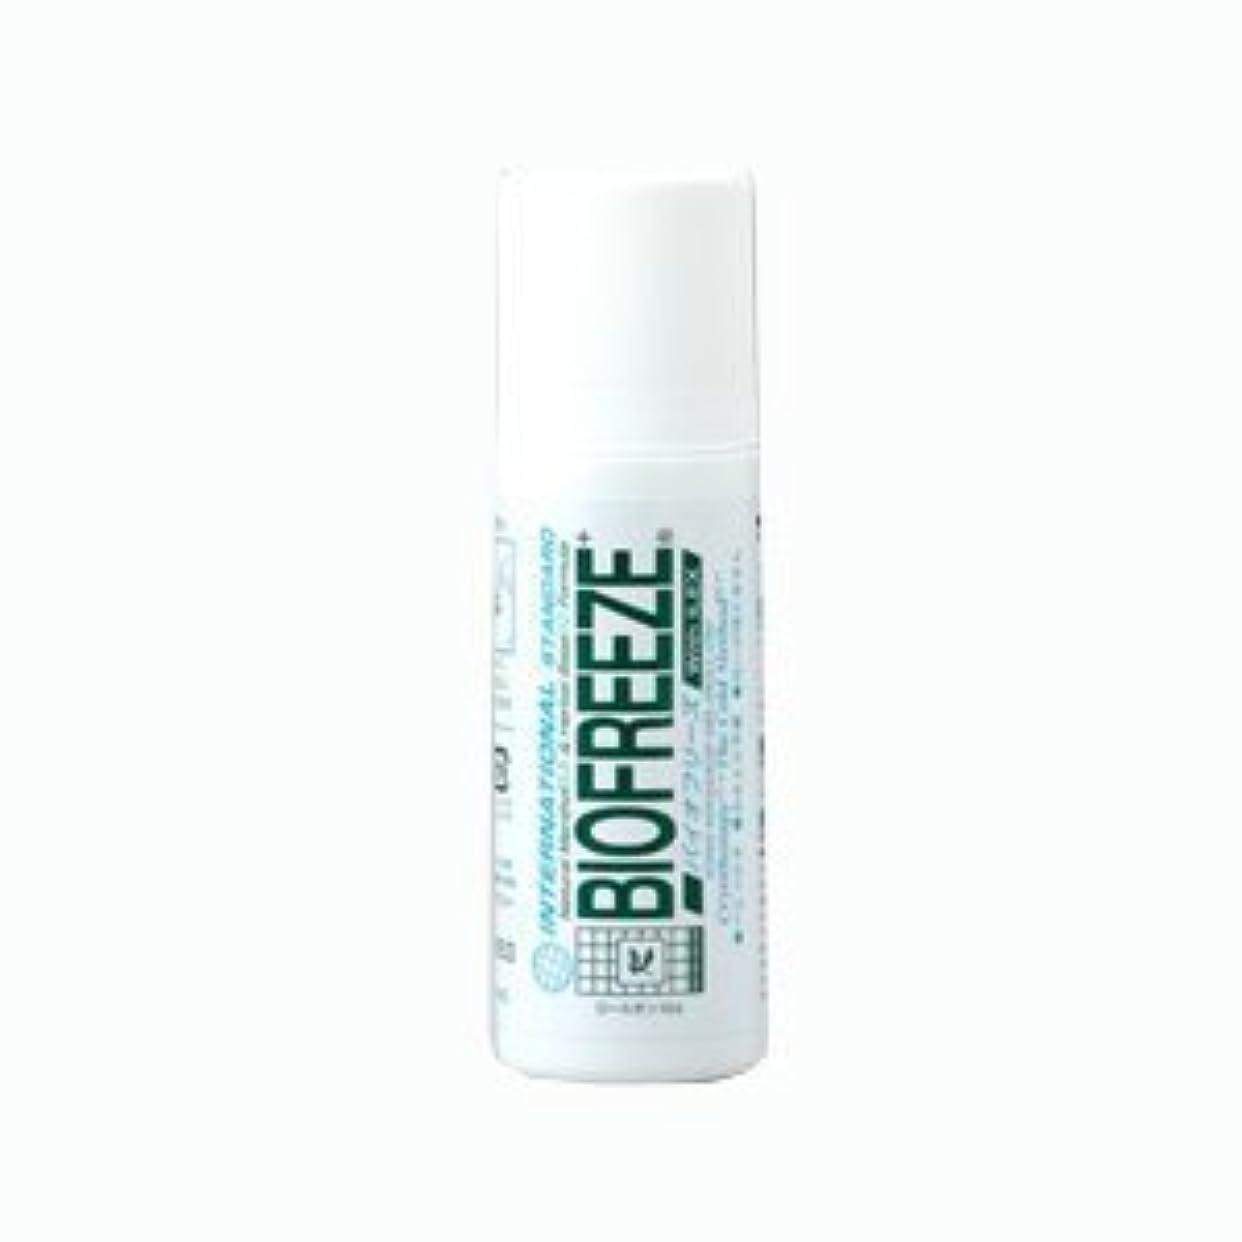 腰立法印刷するバイオフリーズ(BIOFREEZE) ロールオン 82g - ボディ用、ロールタイプ!